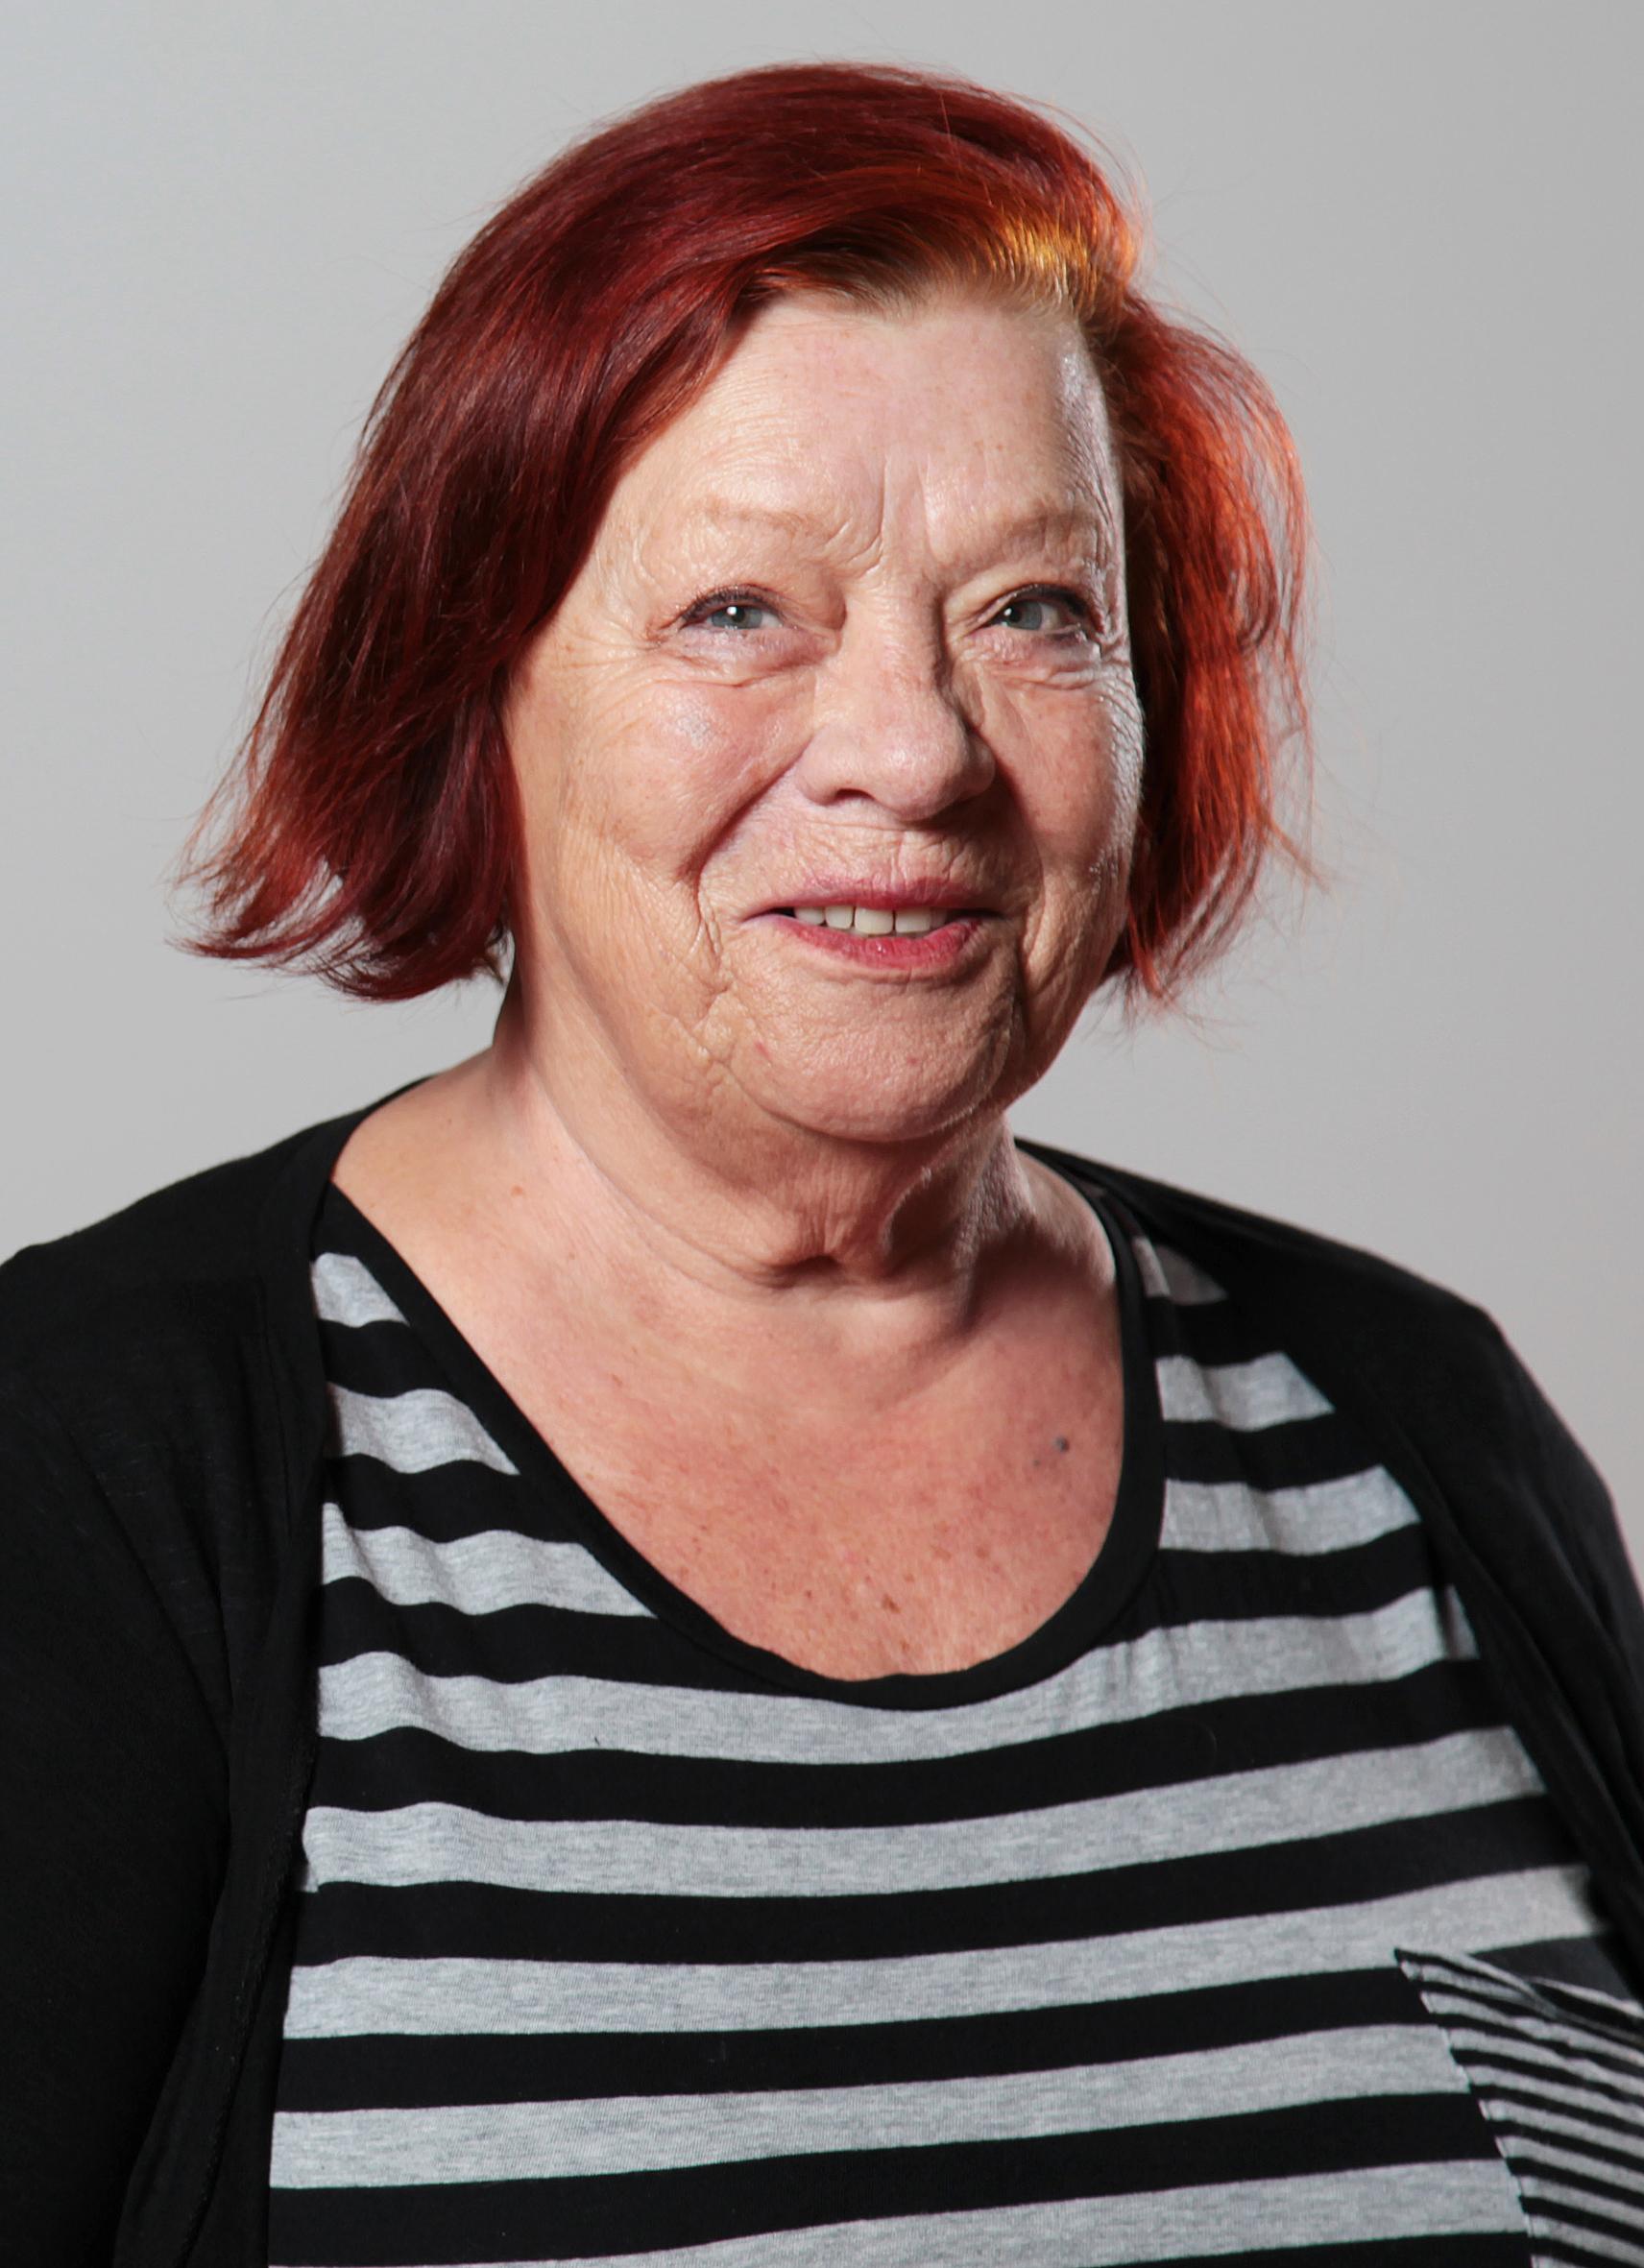 Inga Ålenius, 2012. Photo: Helsingborgs stadsteater,  http://www.mynewsdesk.com/se/helsingborgs_stadsteater/images/inga-aalenius-158077  - CC-BY 3.0.